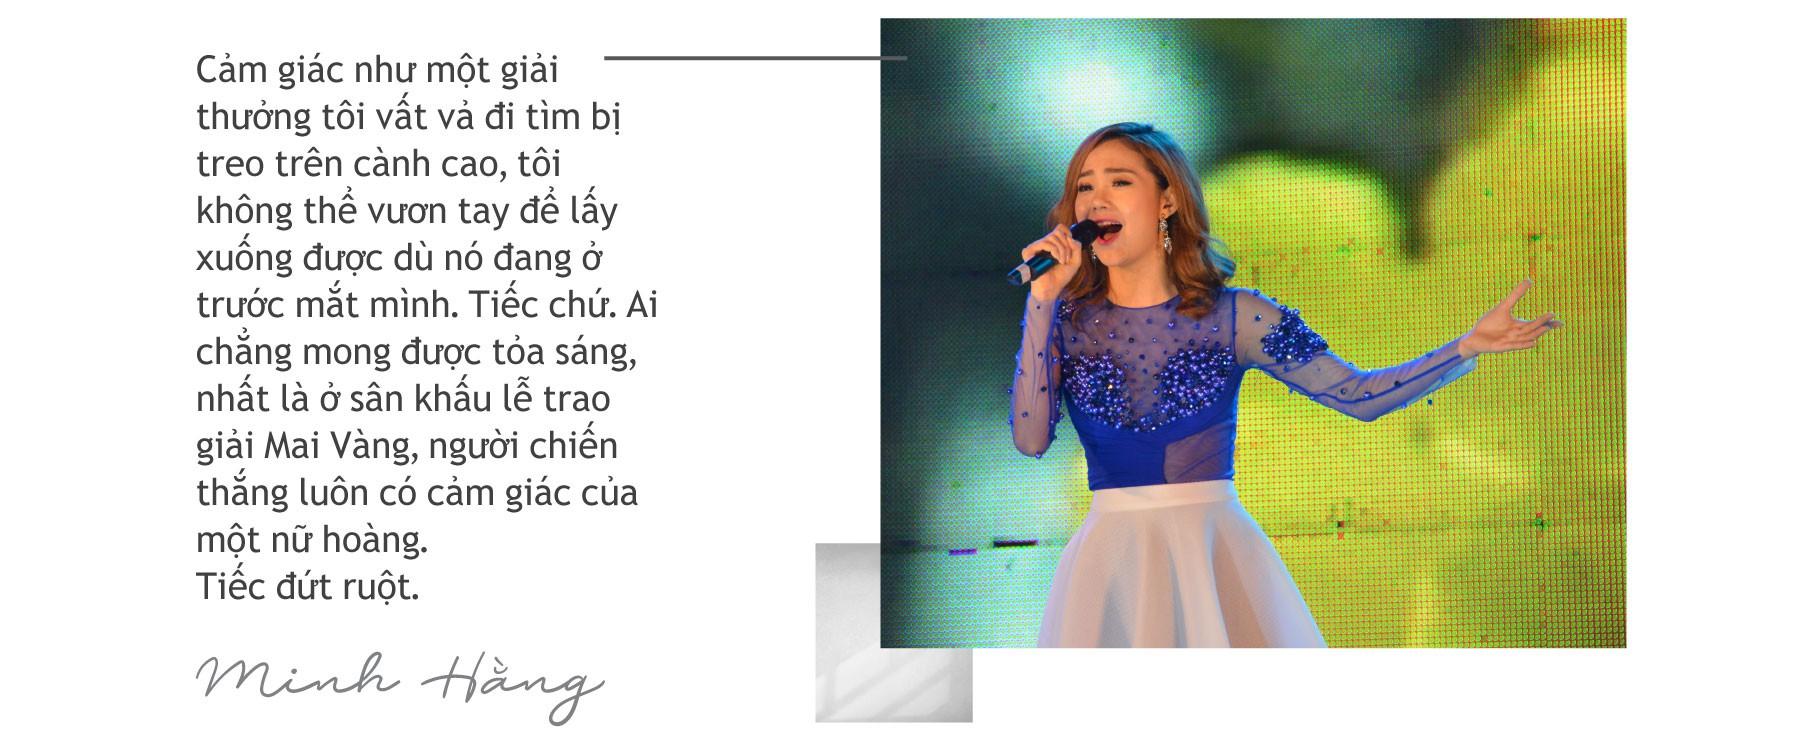 [eMagazine] - Diễn viên-ca sĩ Minh Hằng: Ai mà chẳng mơ có giải Mai Vàng? - Ảnh 4.